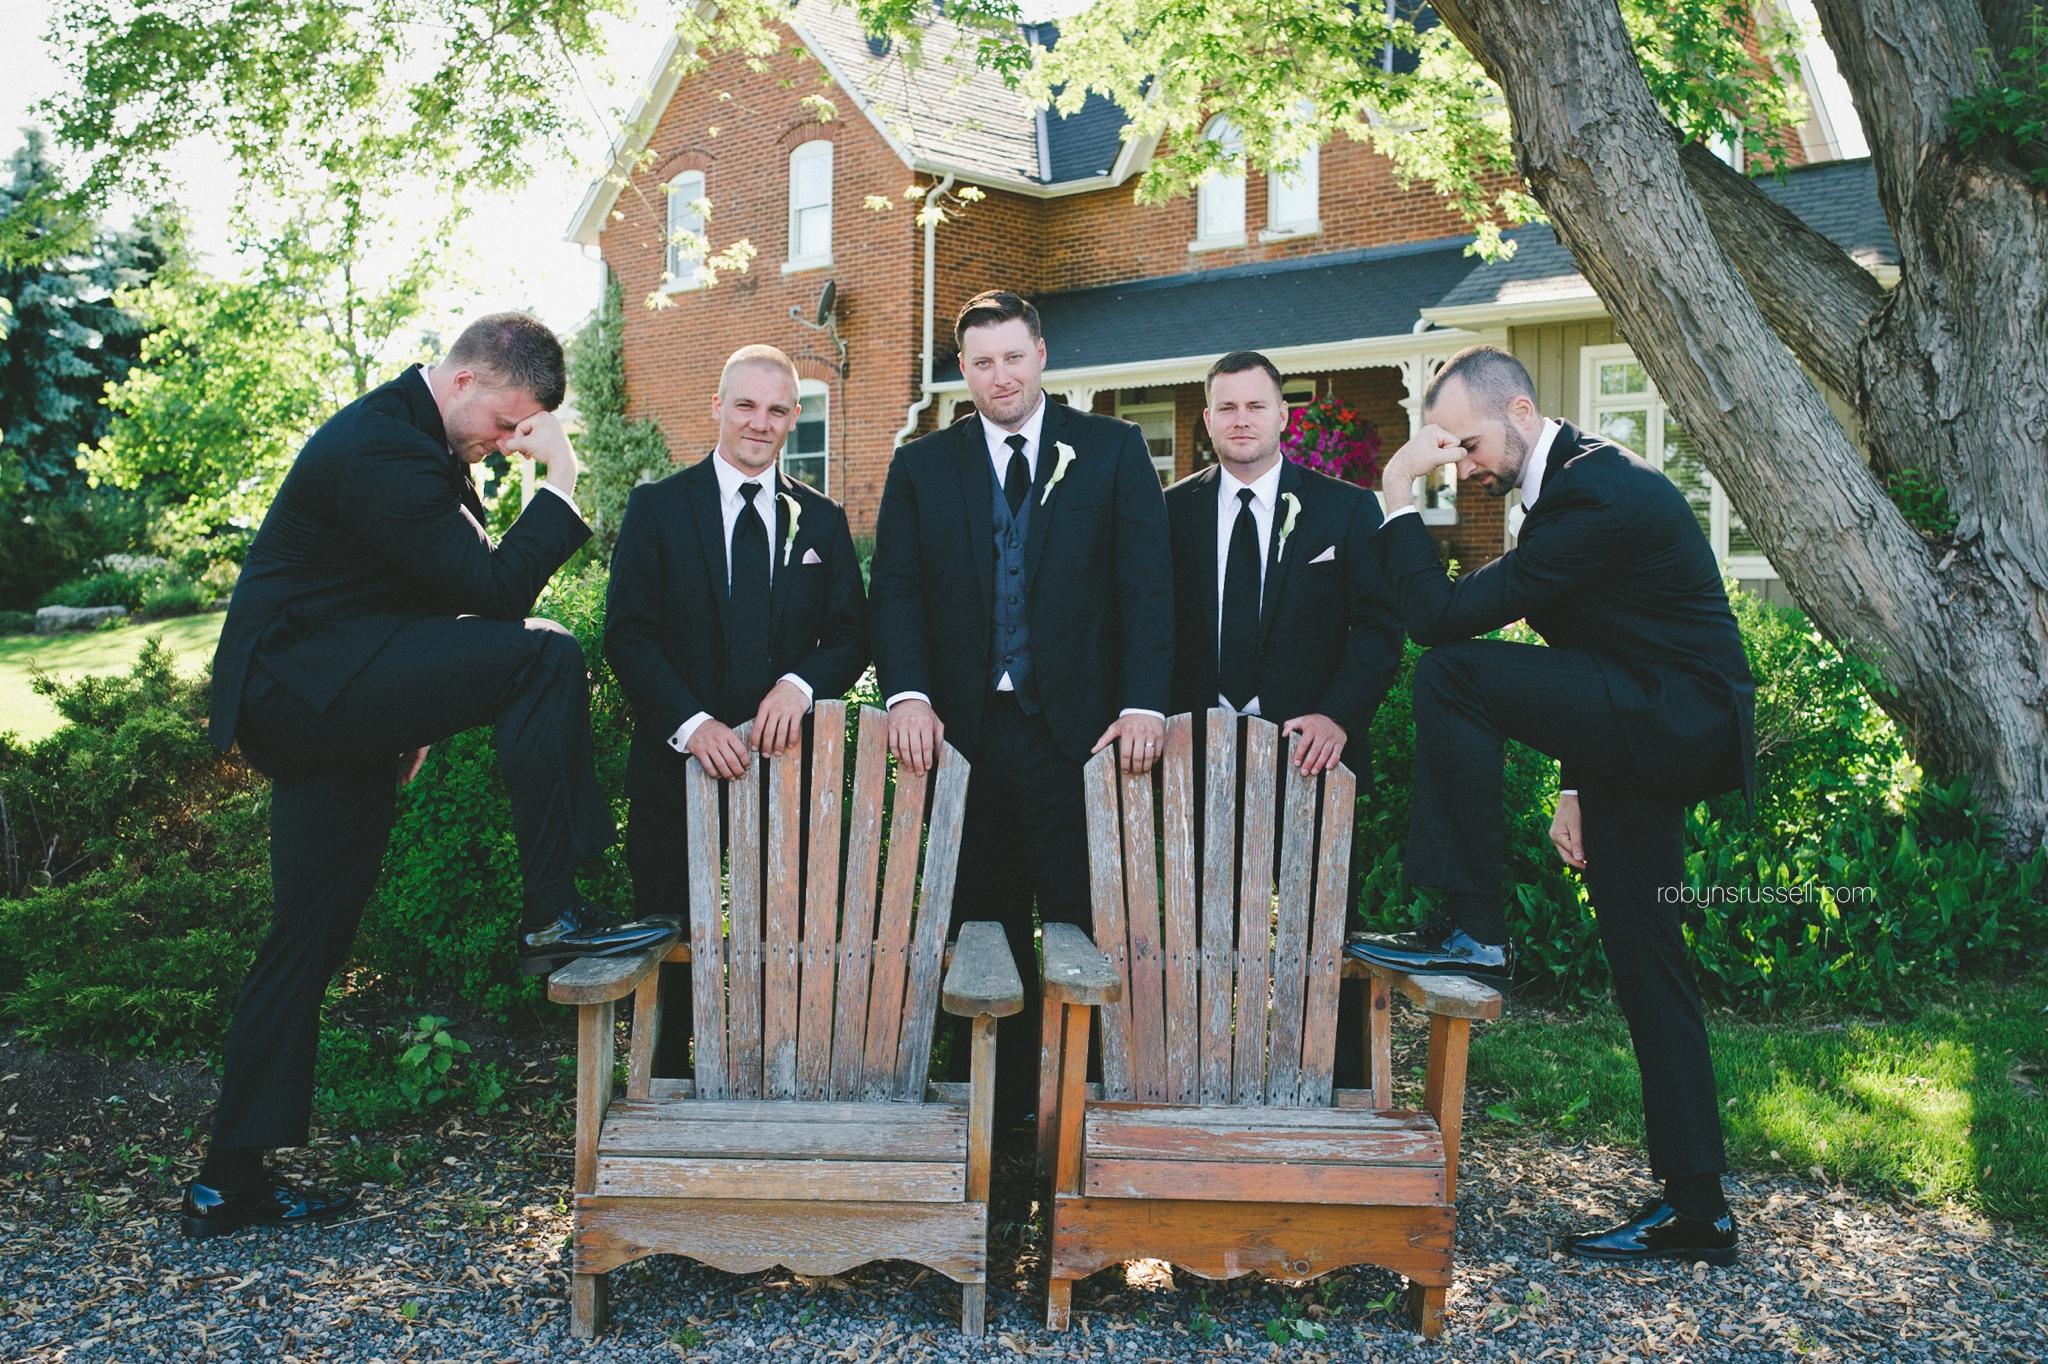 31-groom-with-groomsmen-at-pipers-heath.jpg